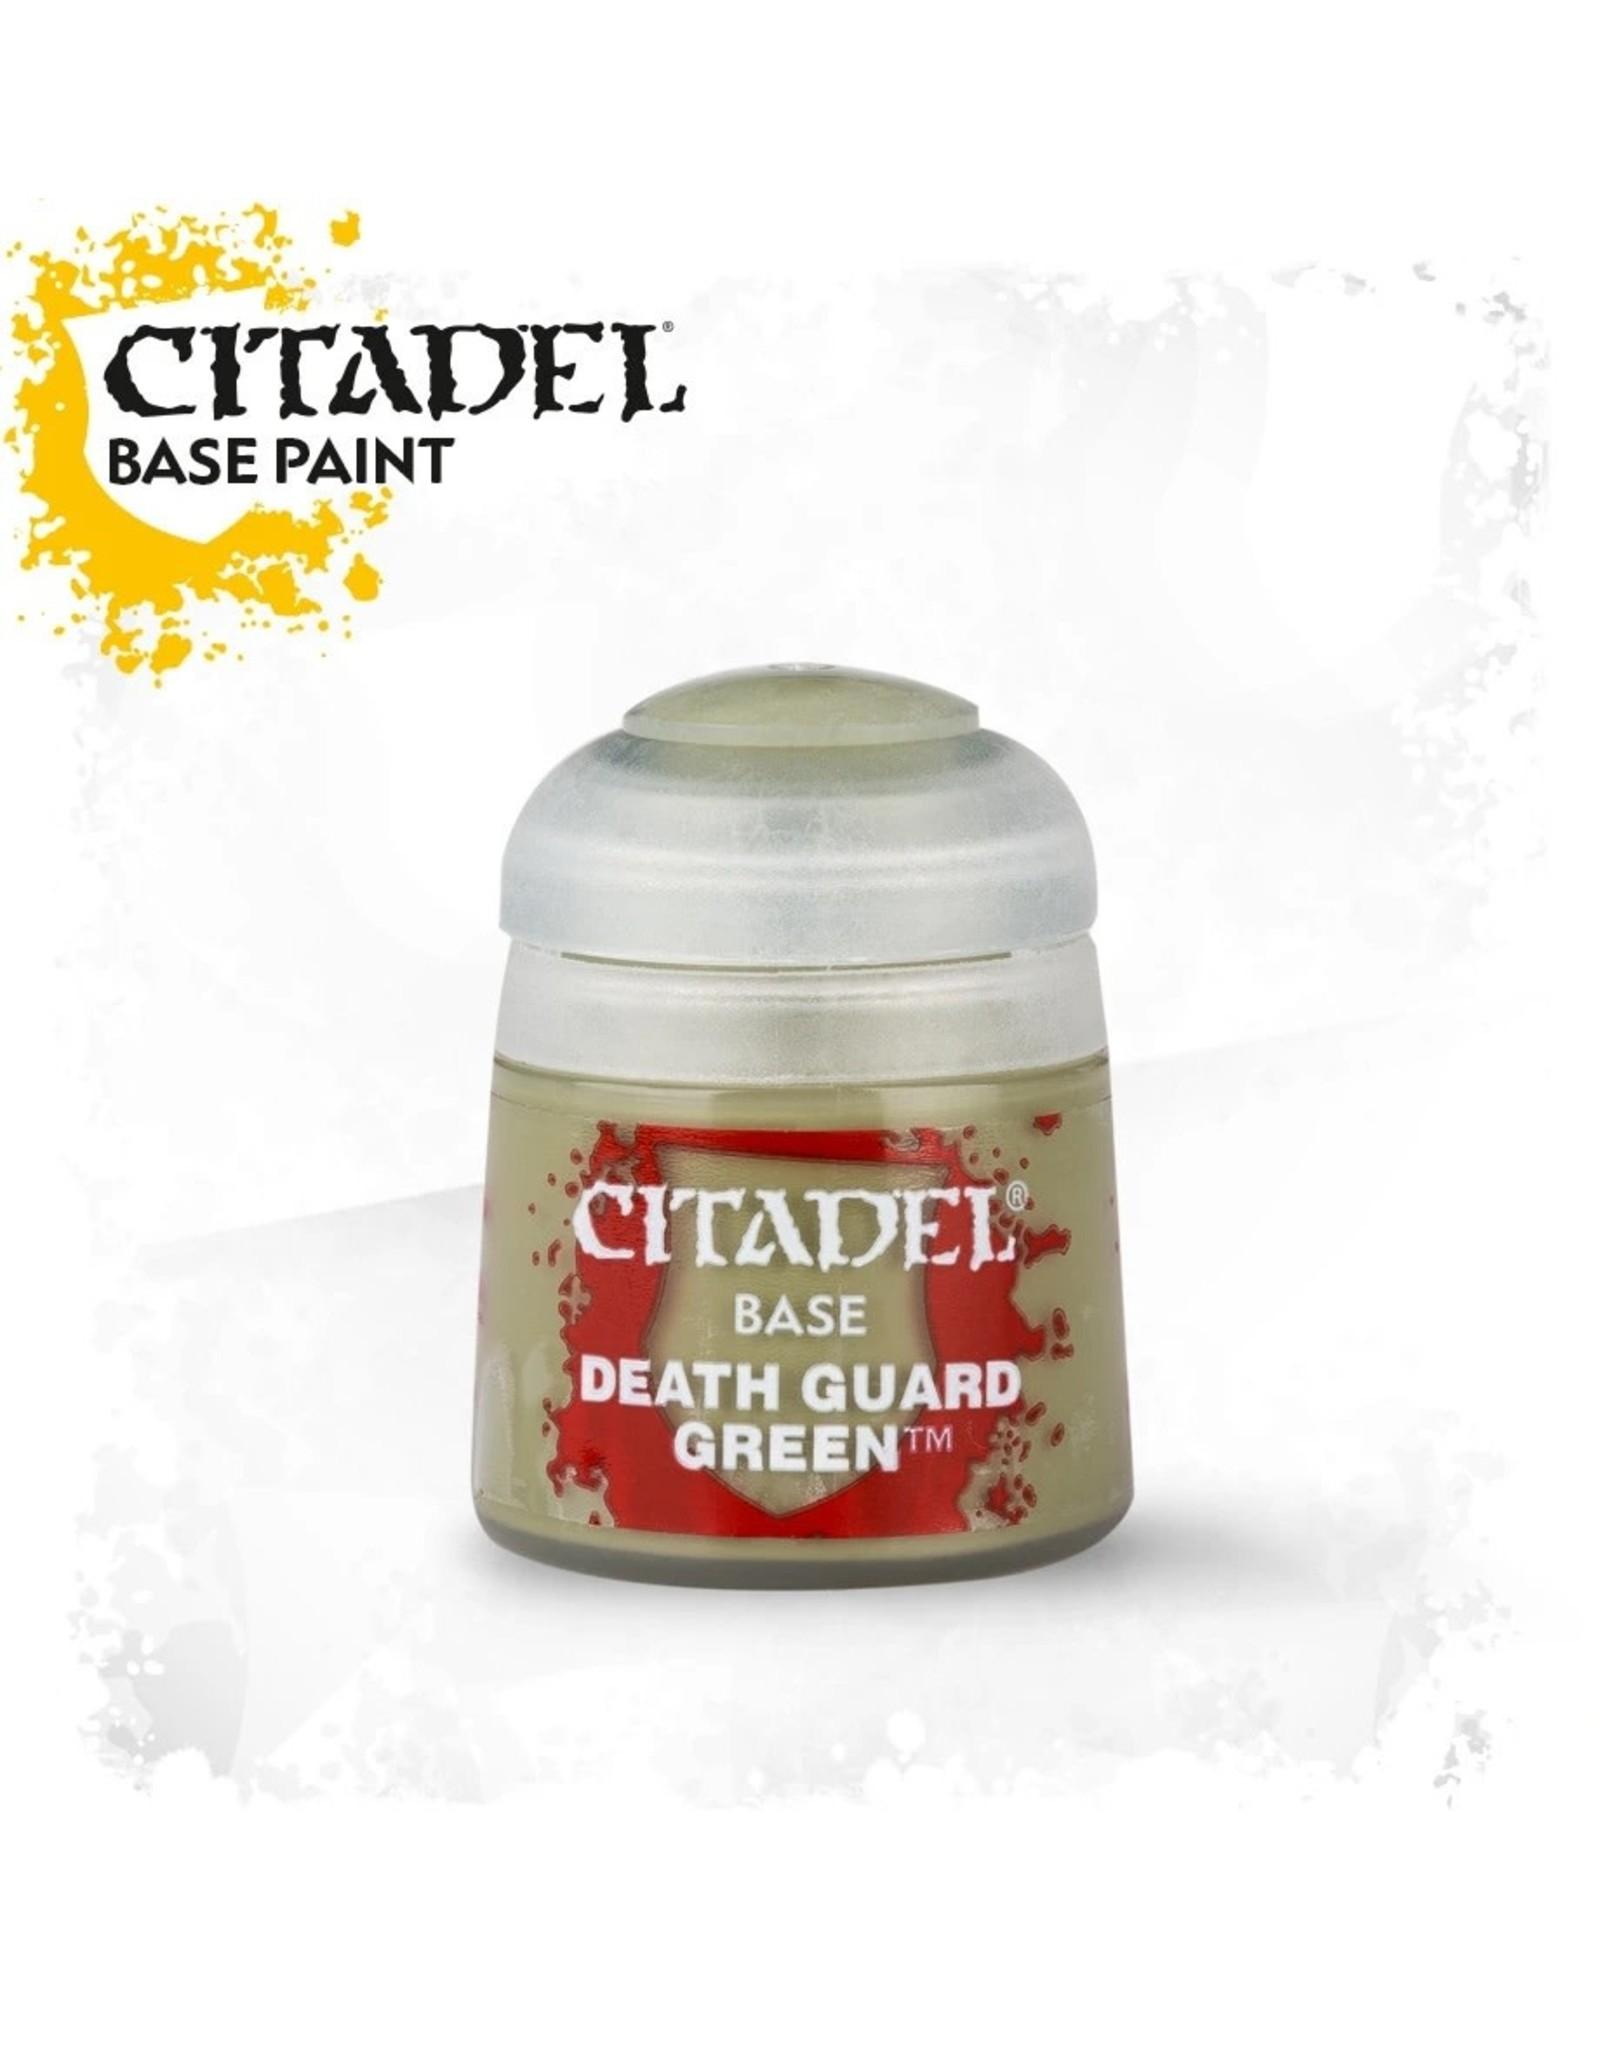 Citadel Death Guard Green